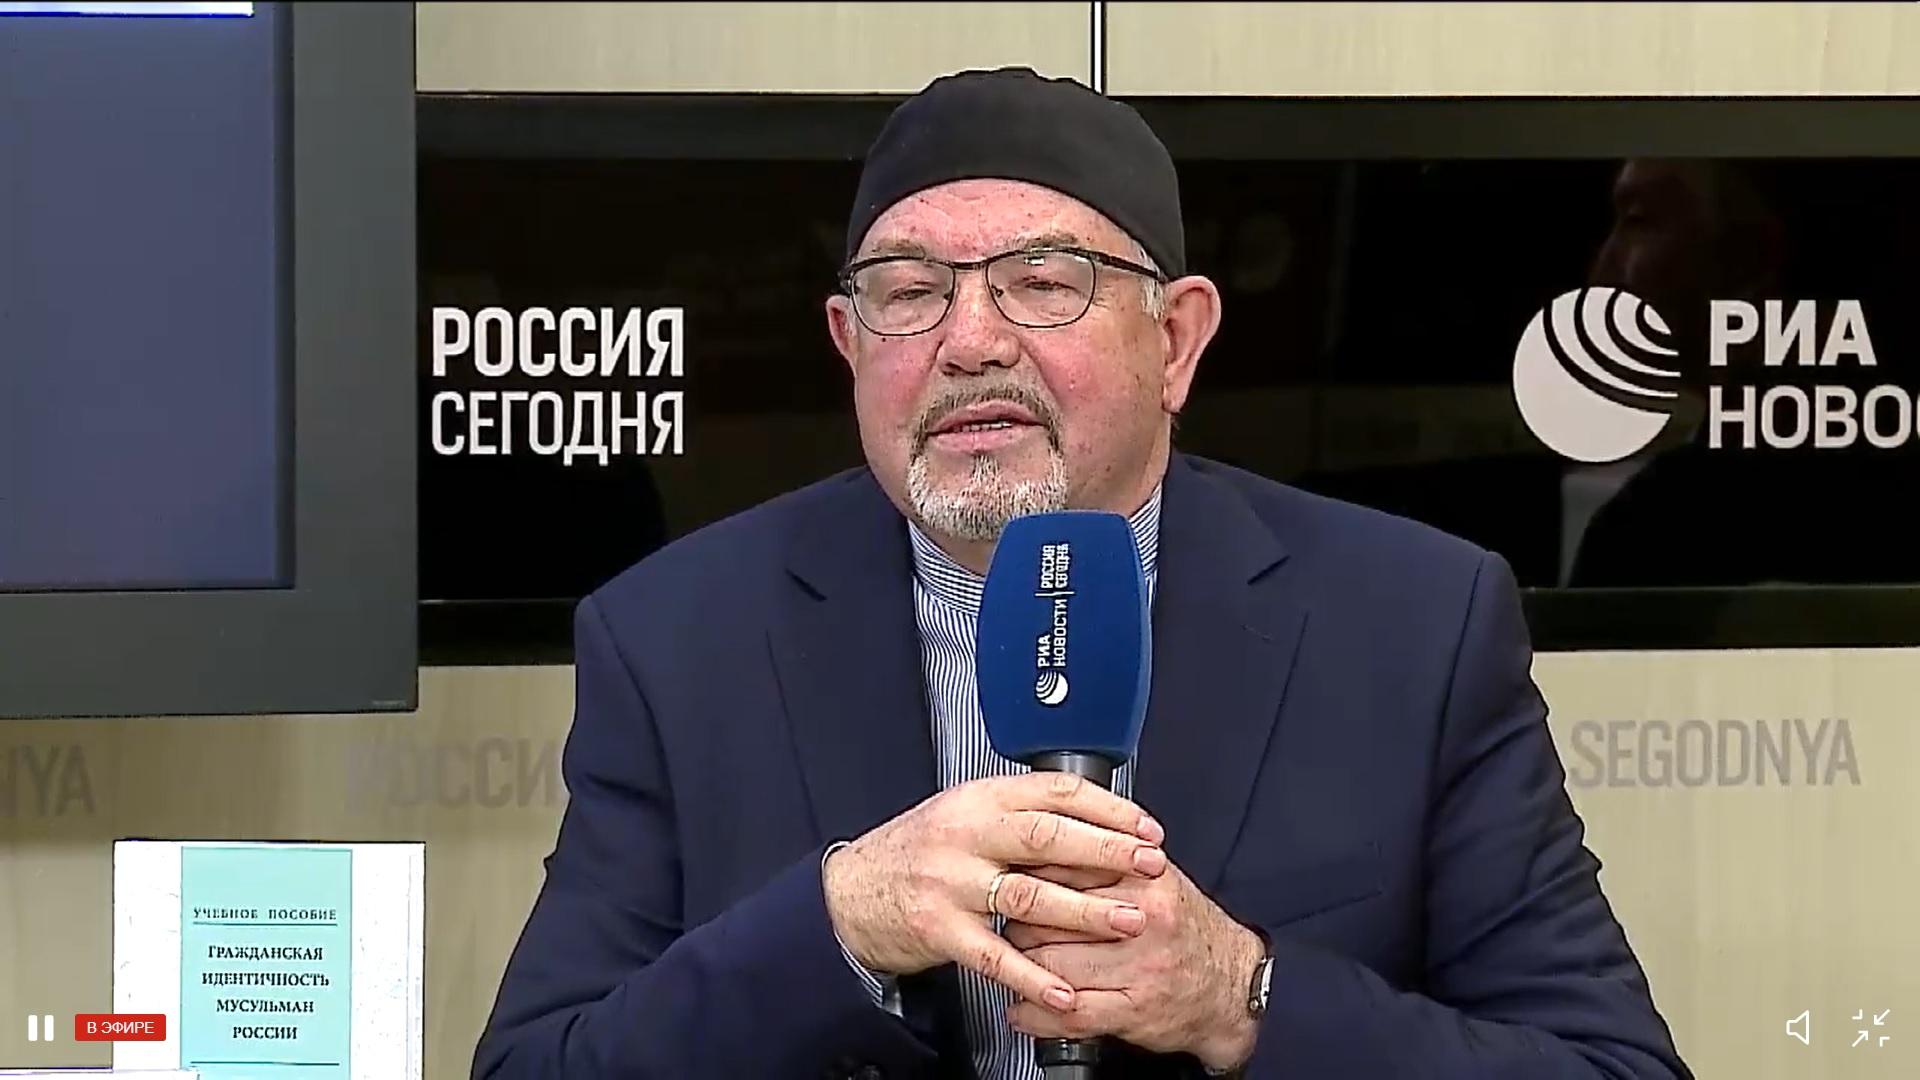 Рафик Мухаметшин: российские мусульмане должны служить в армии